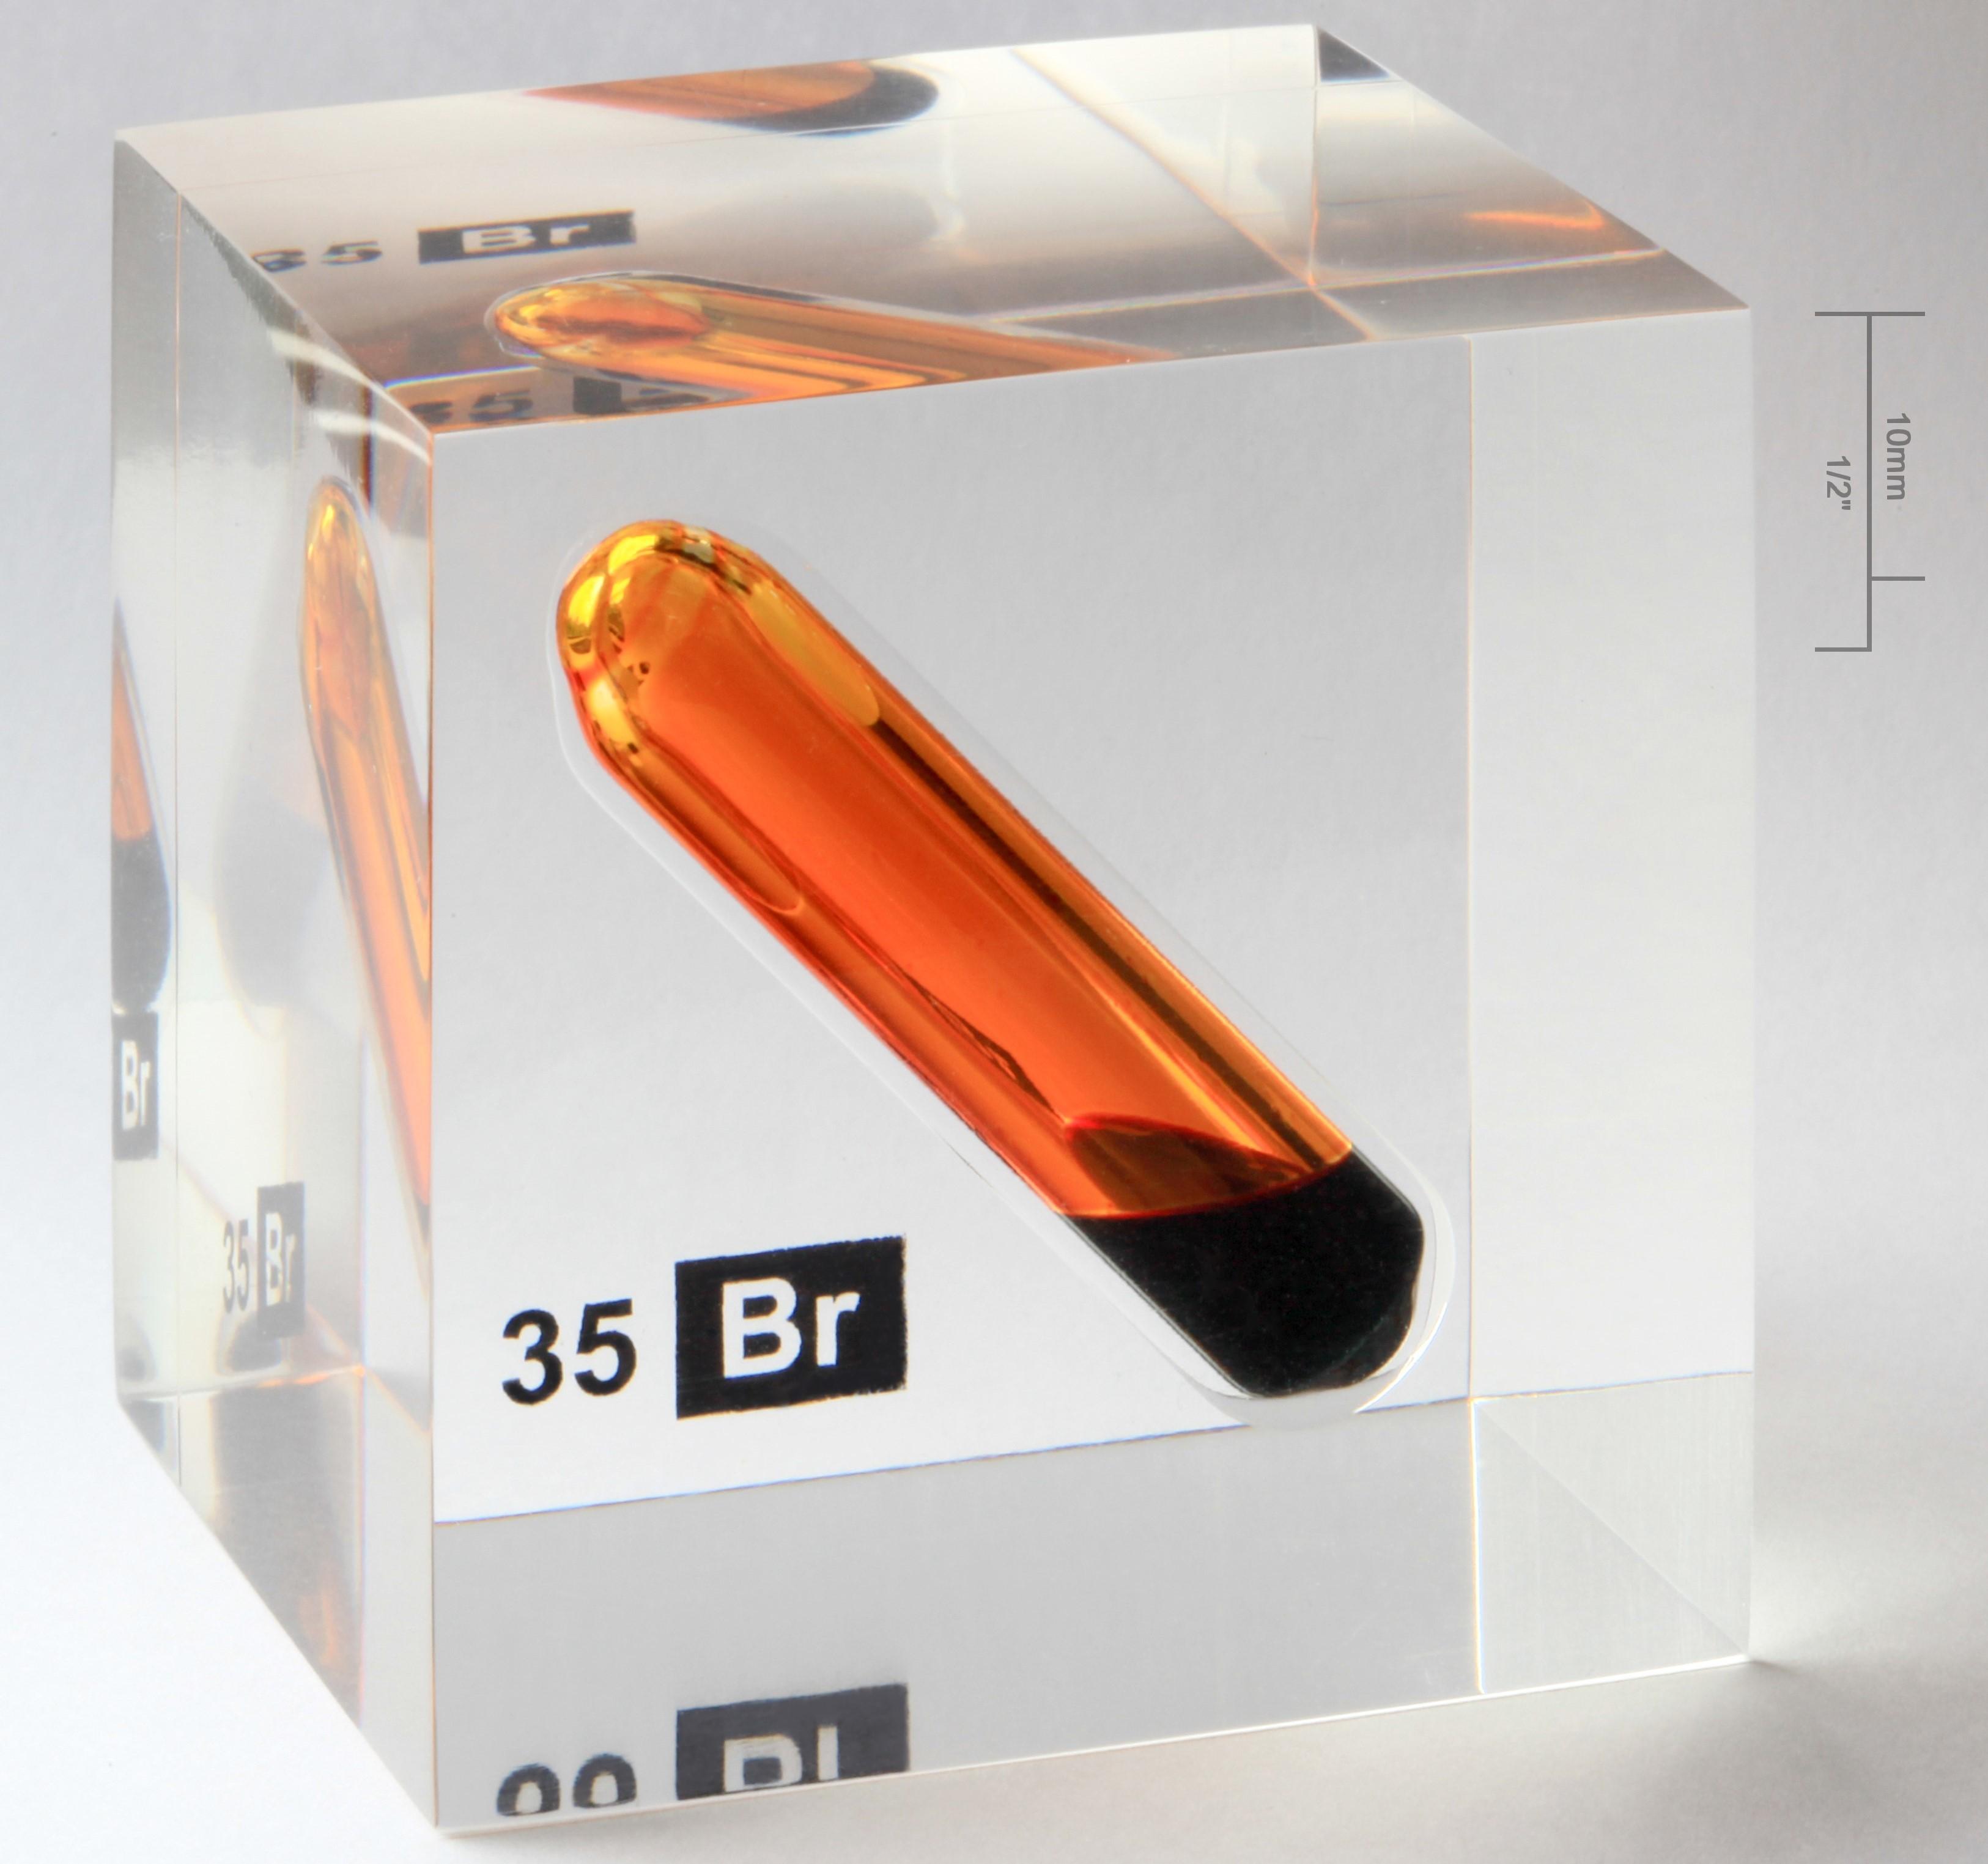 Brom là một nguyên tố hóa học thuộc nhóm Halogen